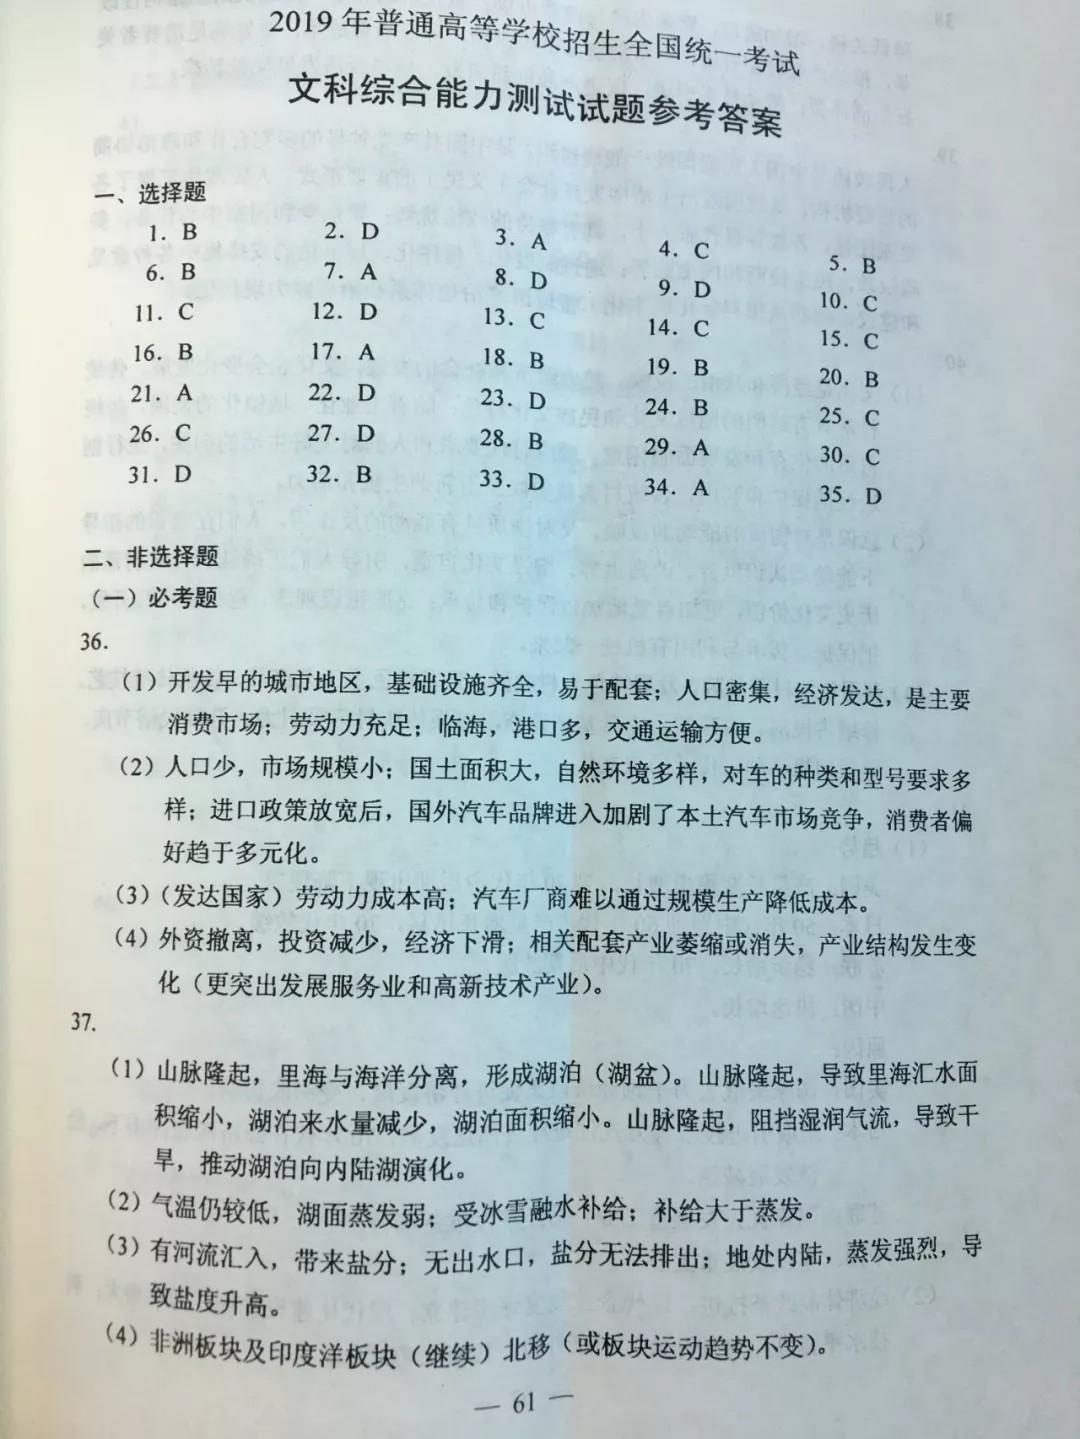 文综1.jpg